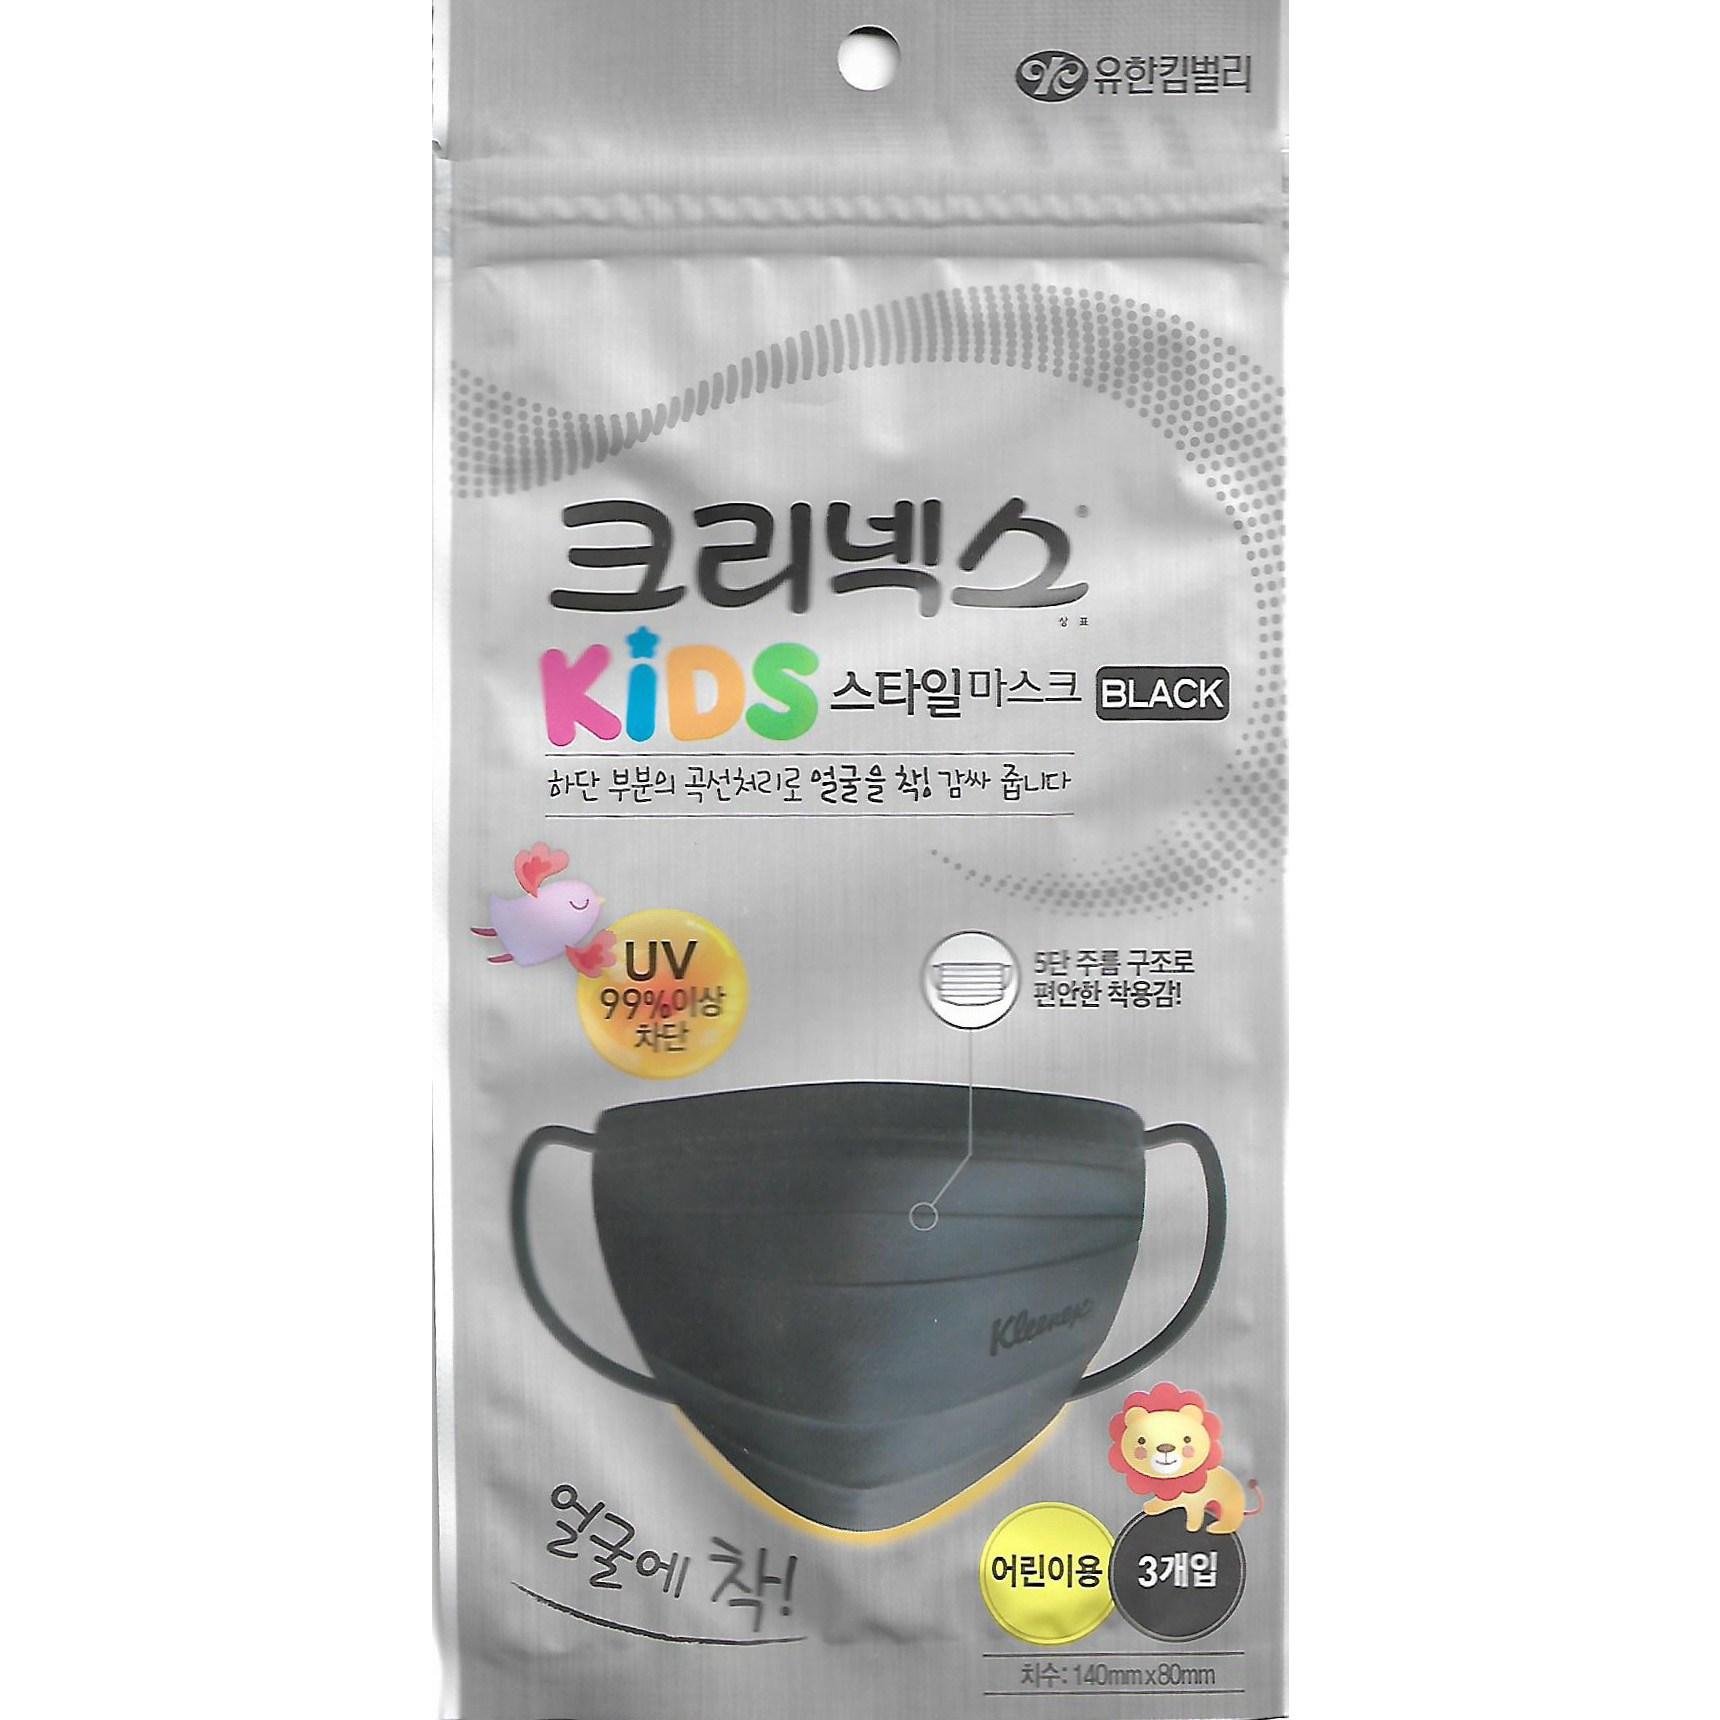 크리넥스 스타일마스크 키즈 블랙 3매입, 50개